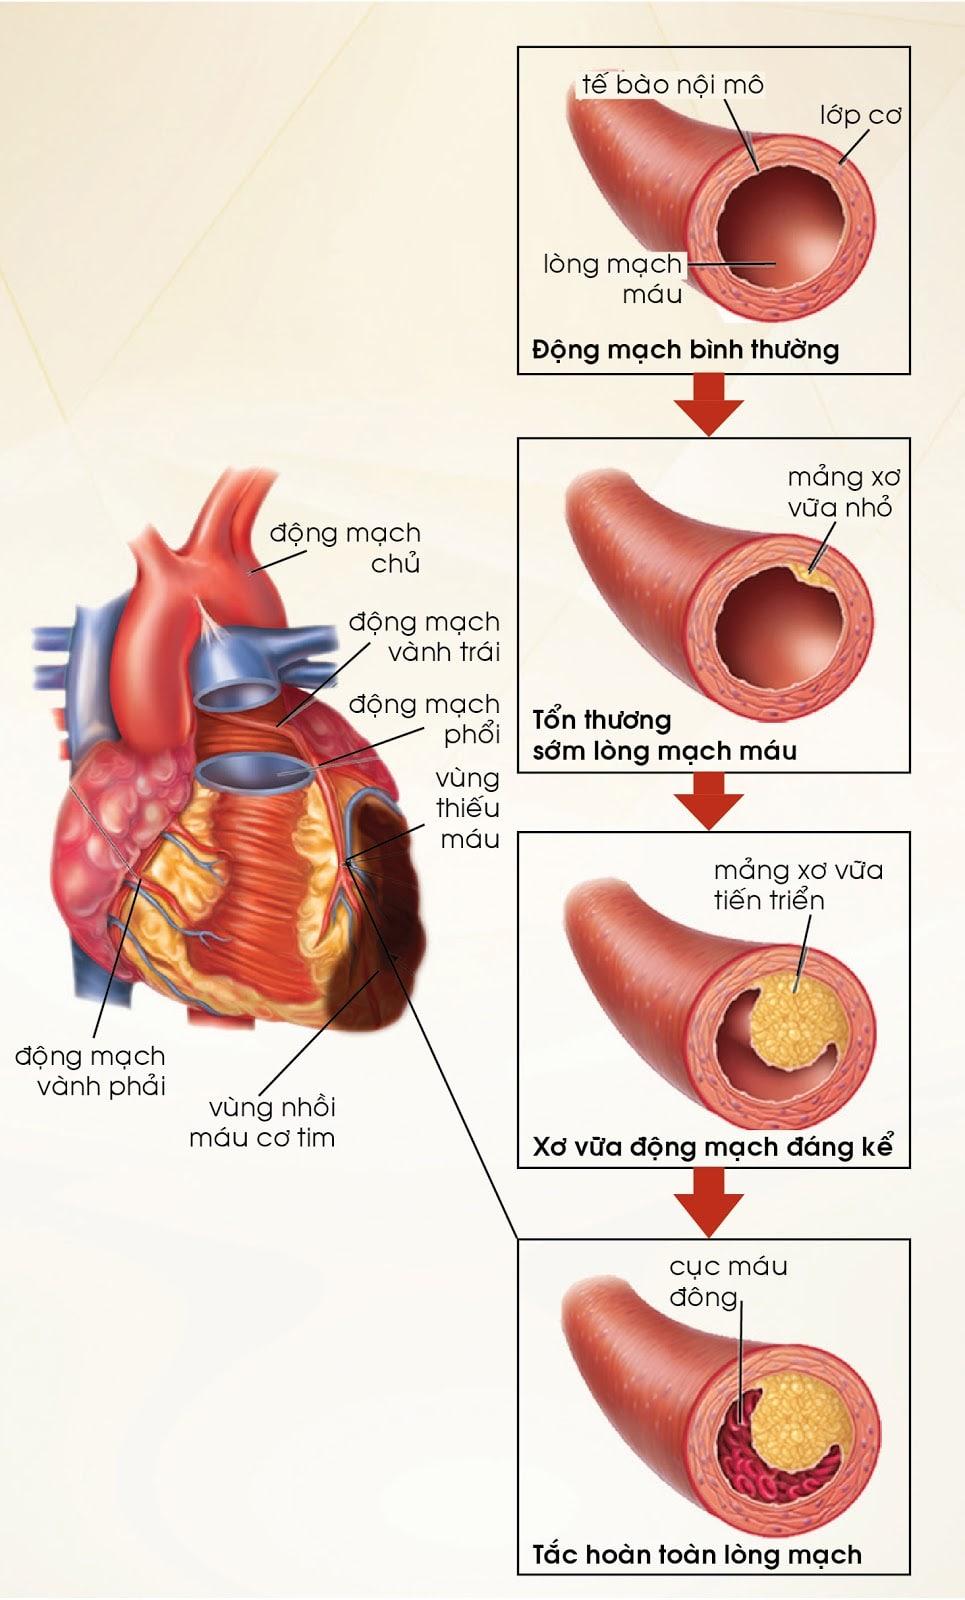 Các biến chứng của rối loạn mỡ máu